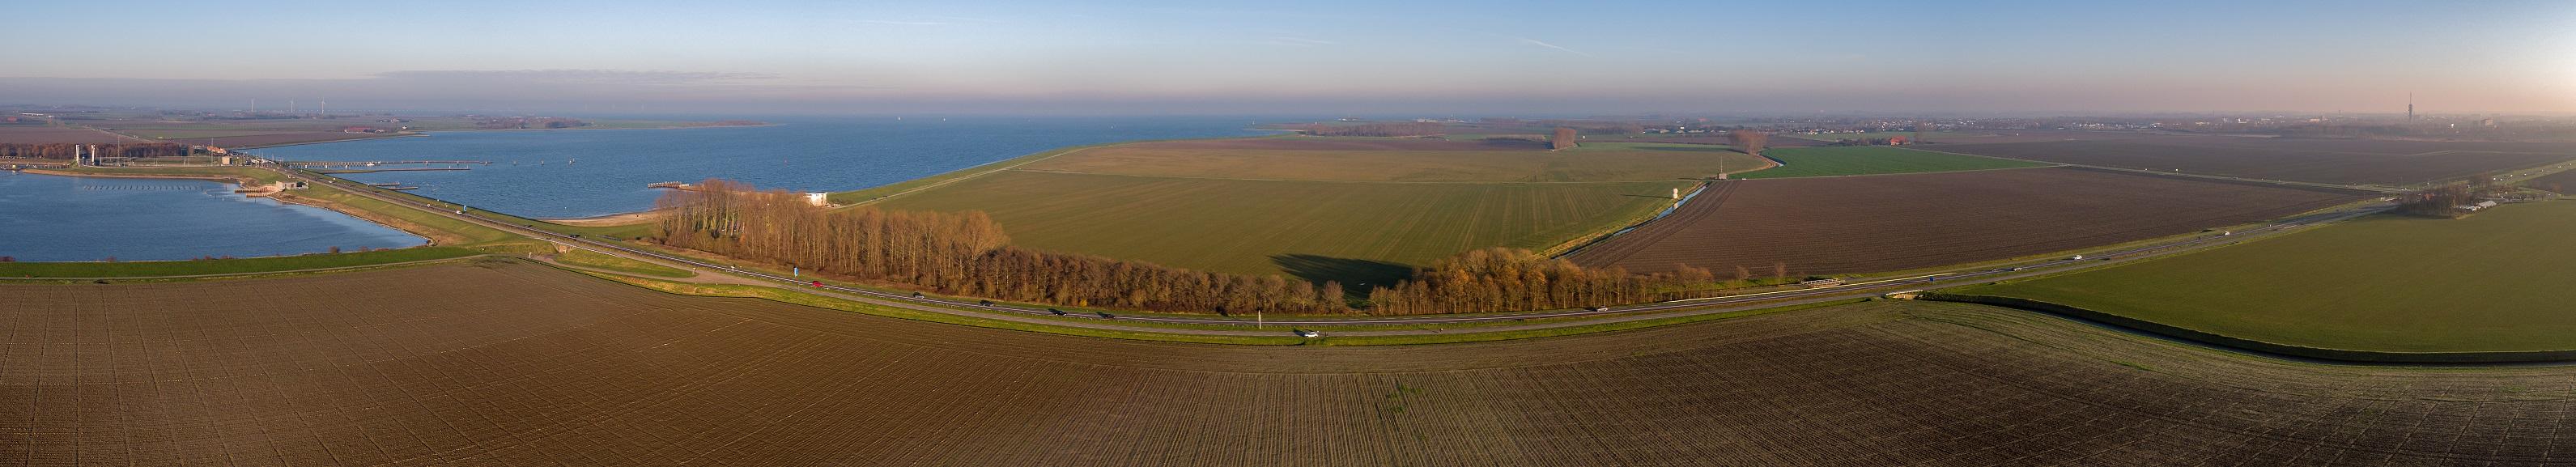 luchtfoto Deltaweg/Zandkreekdam